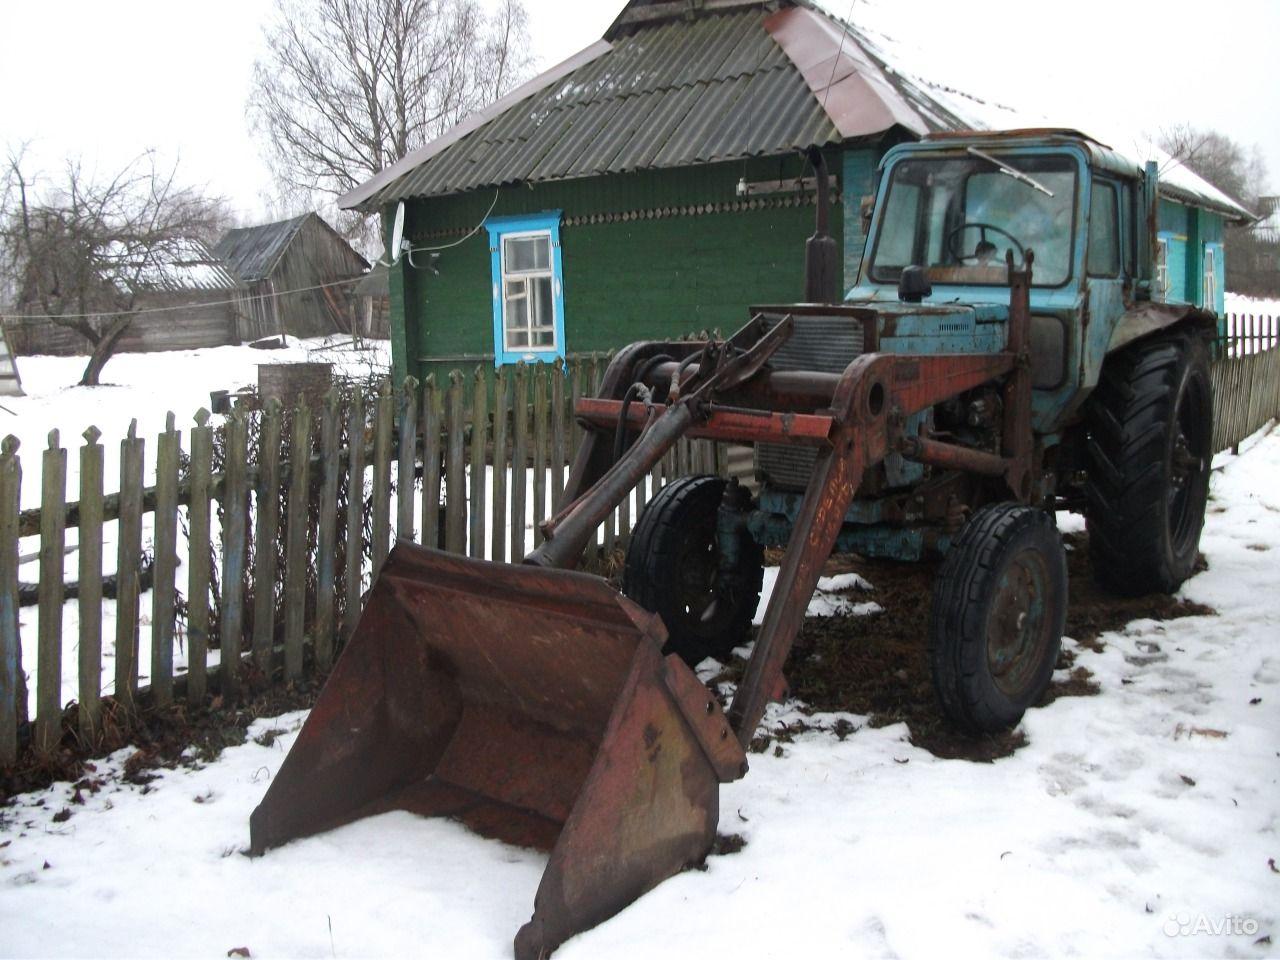 Продам мтз 80 с куном в Тюльганском районе. Цена 270 рублей